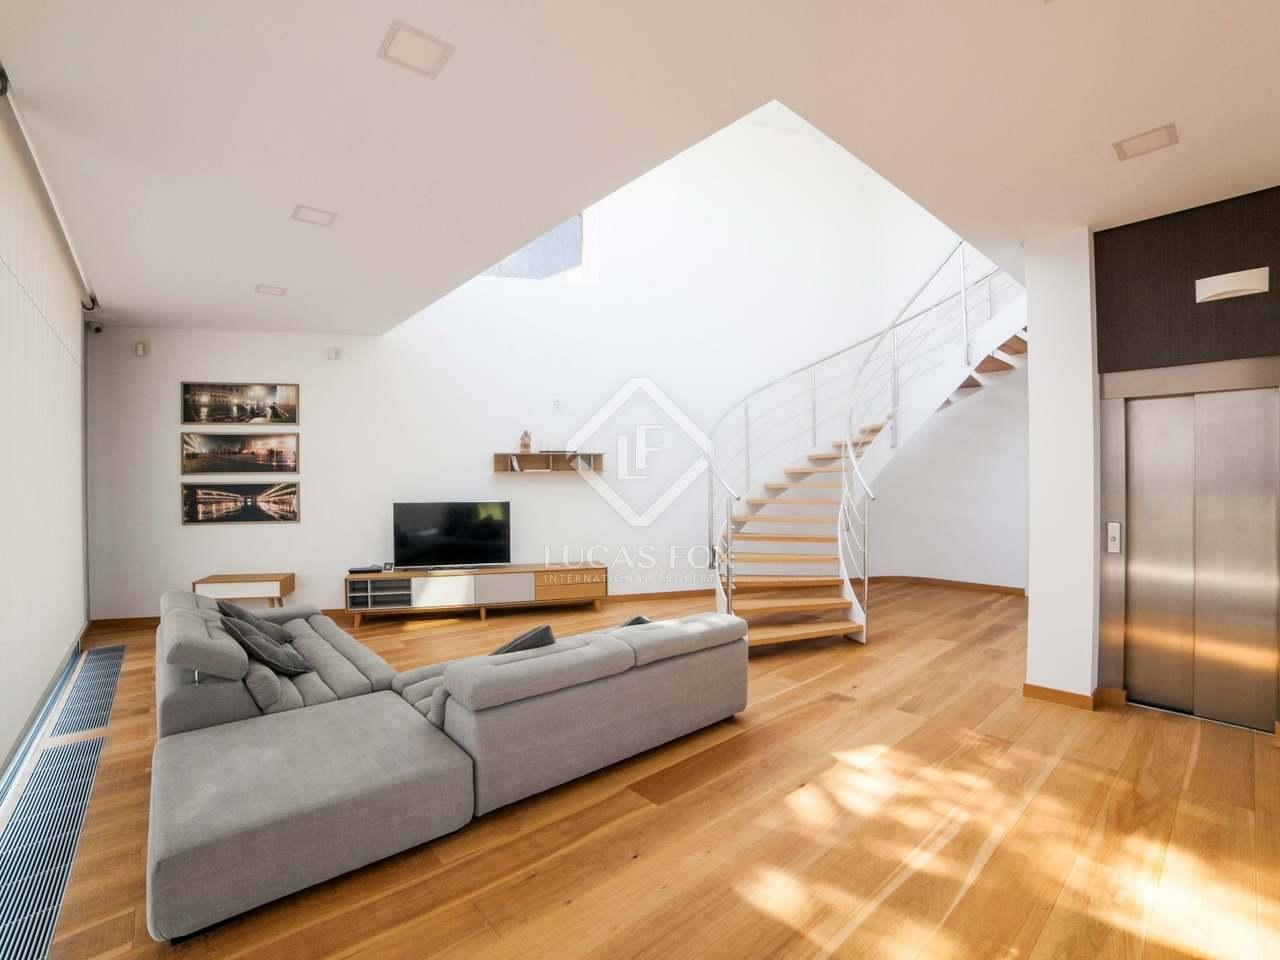 Casa moderna en venta en lloret de mar en la costa brava for Casas modernas 4 cuartos